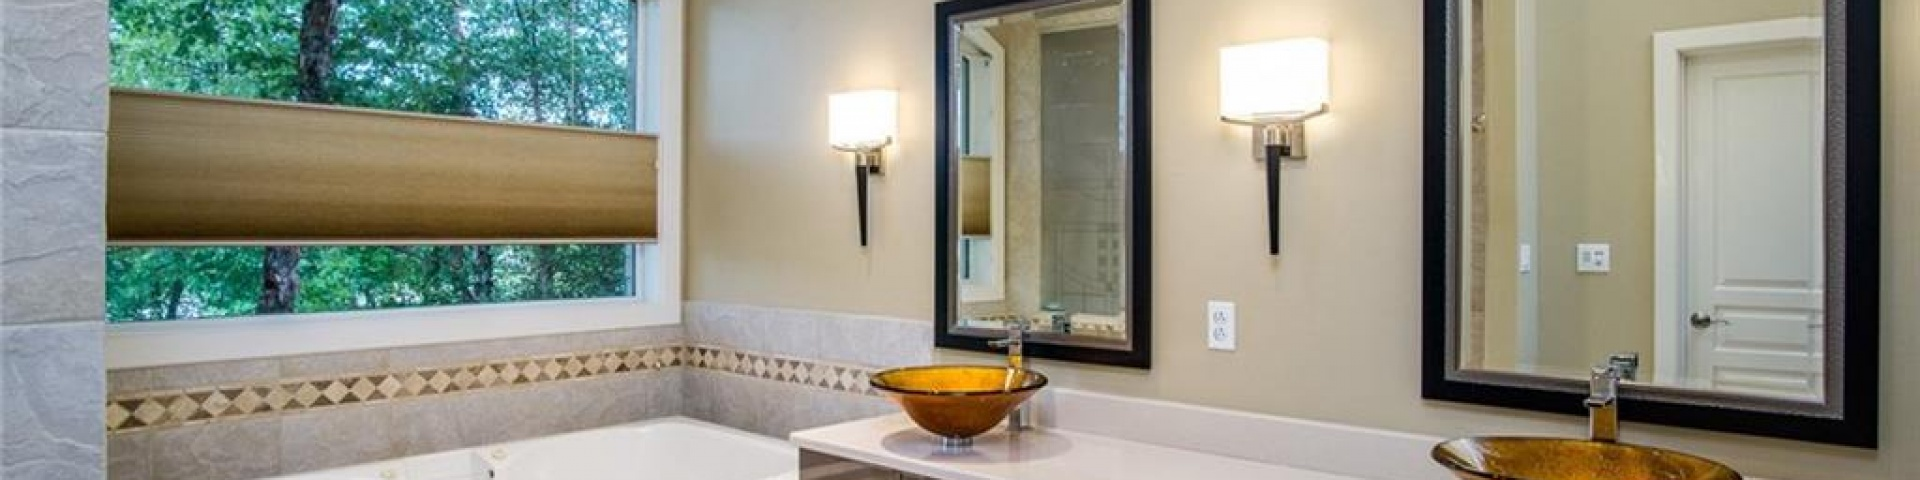 10539 Falls Creek Lane,Washington TWP,Ohio 45458,5 Bedrooms Bedrooms,15 Rooms Rooms,3 BathroomsBathrooms,Single family,Falls Creek Lane,746745